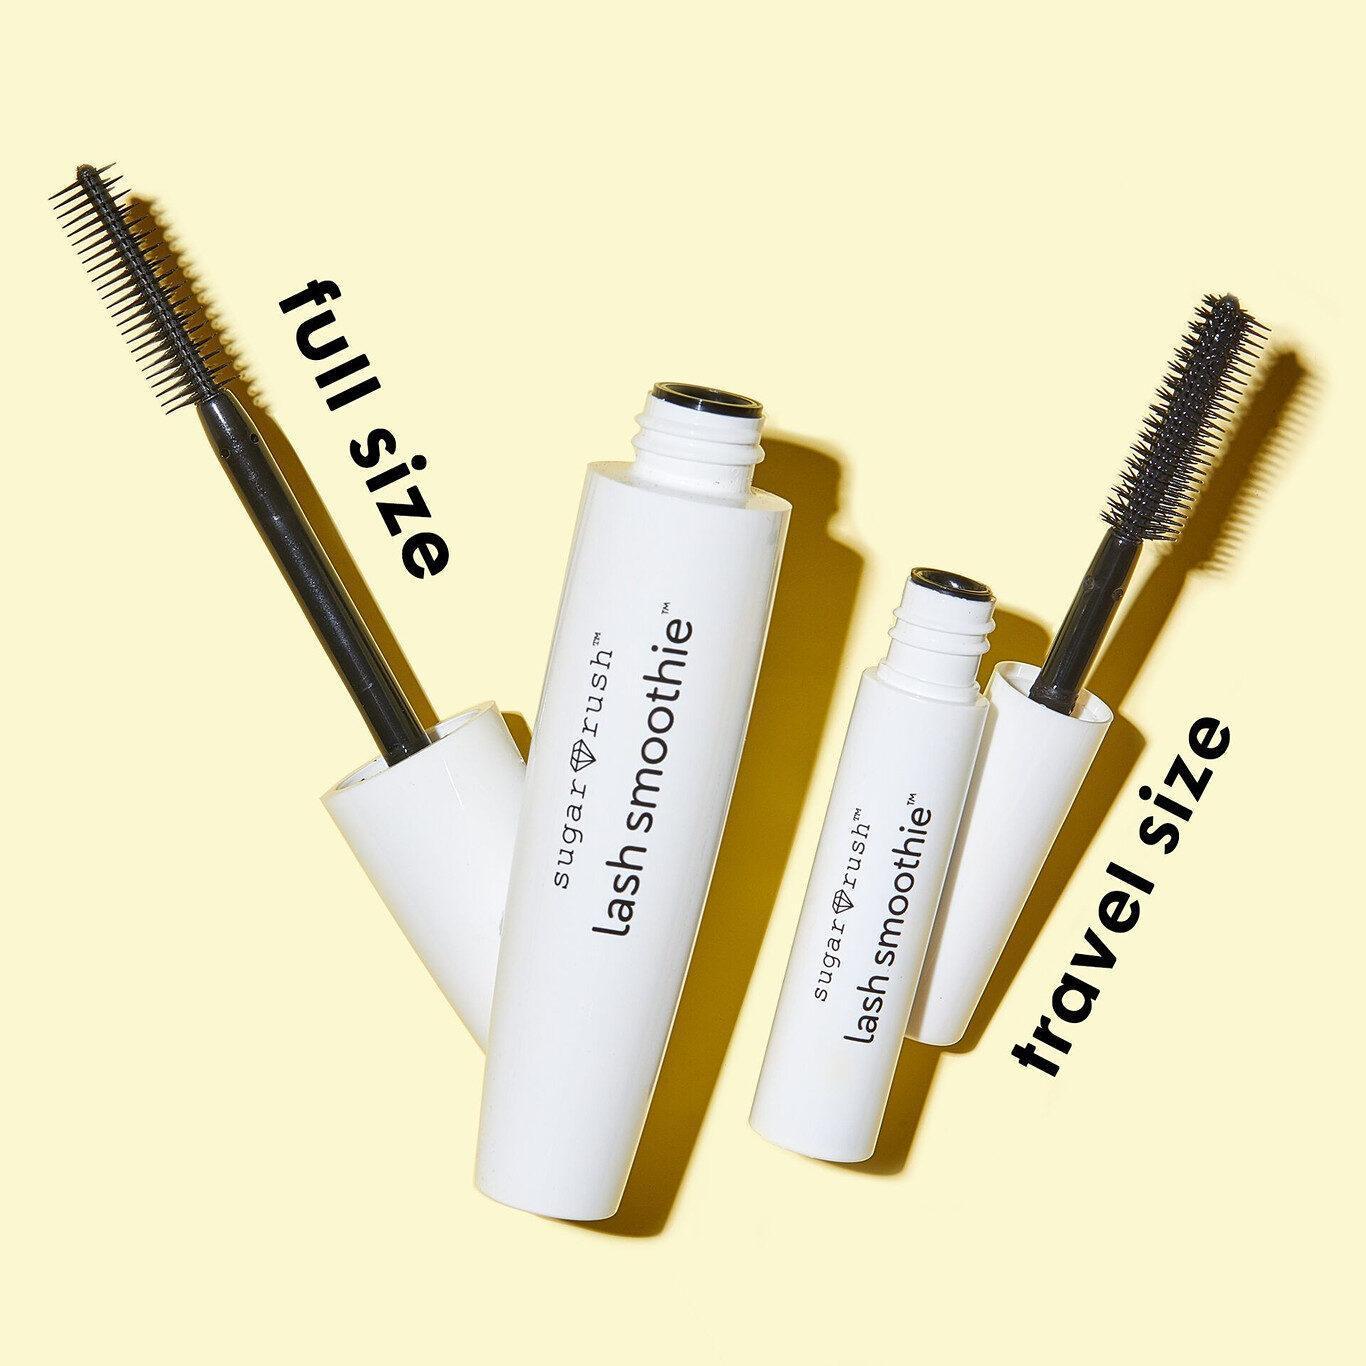 Lash Smoothie™ Volumizing Hemp Mascara Poduct Full Size & Travel Size